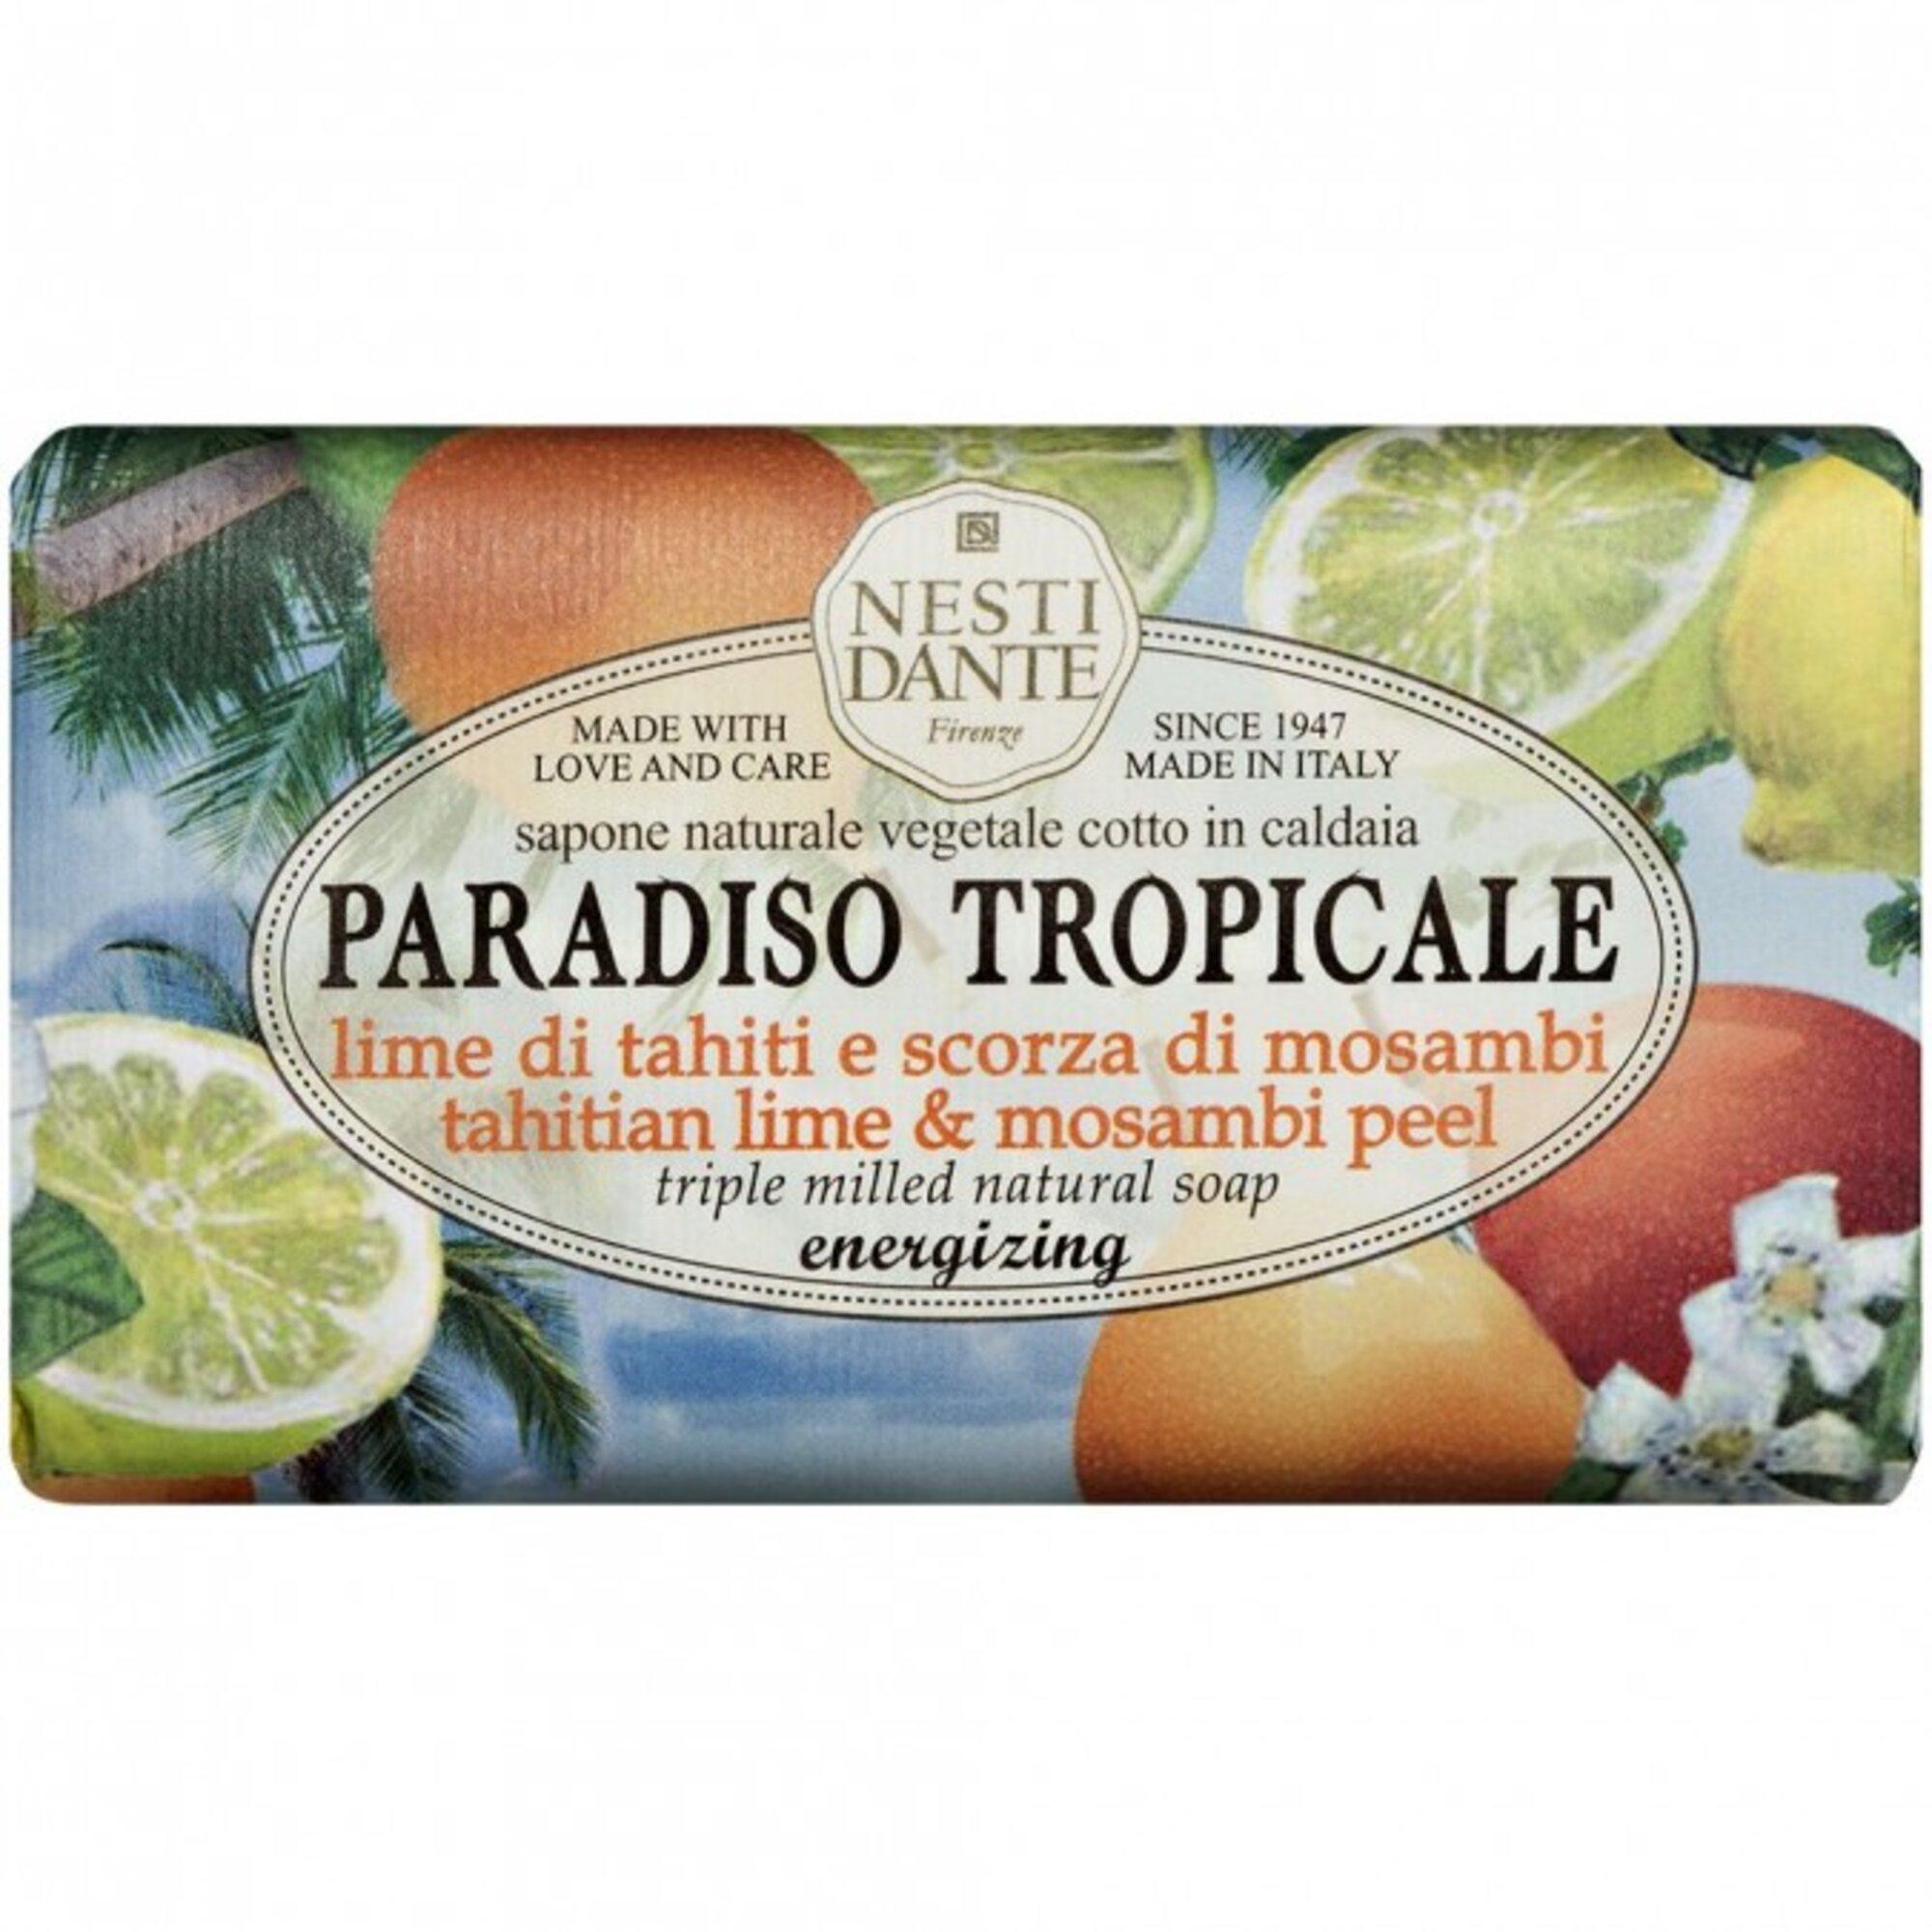 Sabonete Barra Paradiso Tropicale Lima Do Thaiti e Casca de Mosambi 250gr Nesti Dante